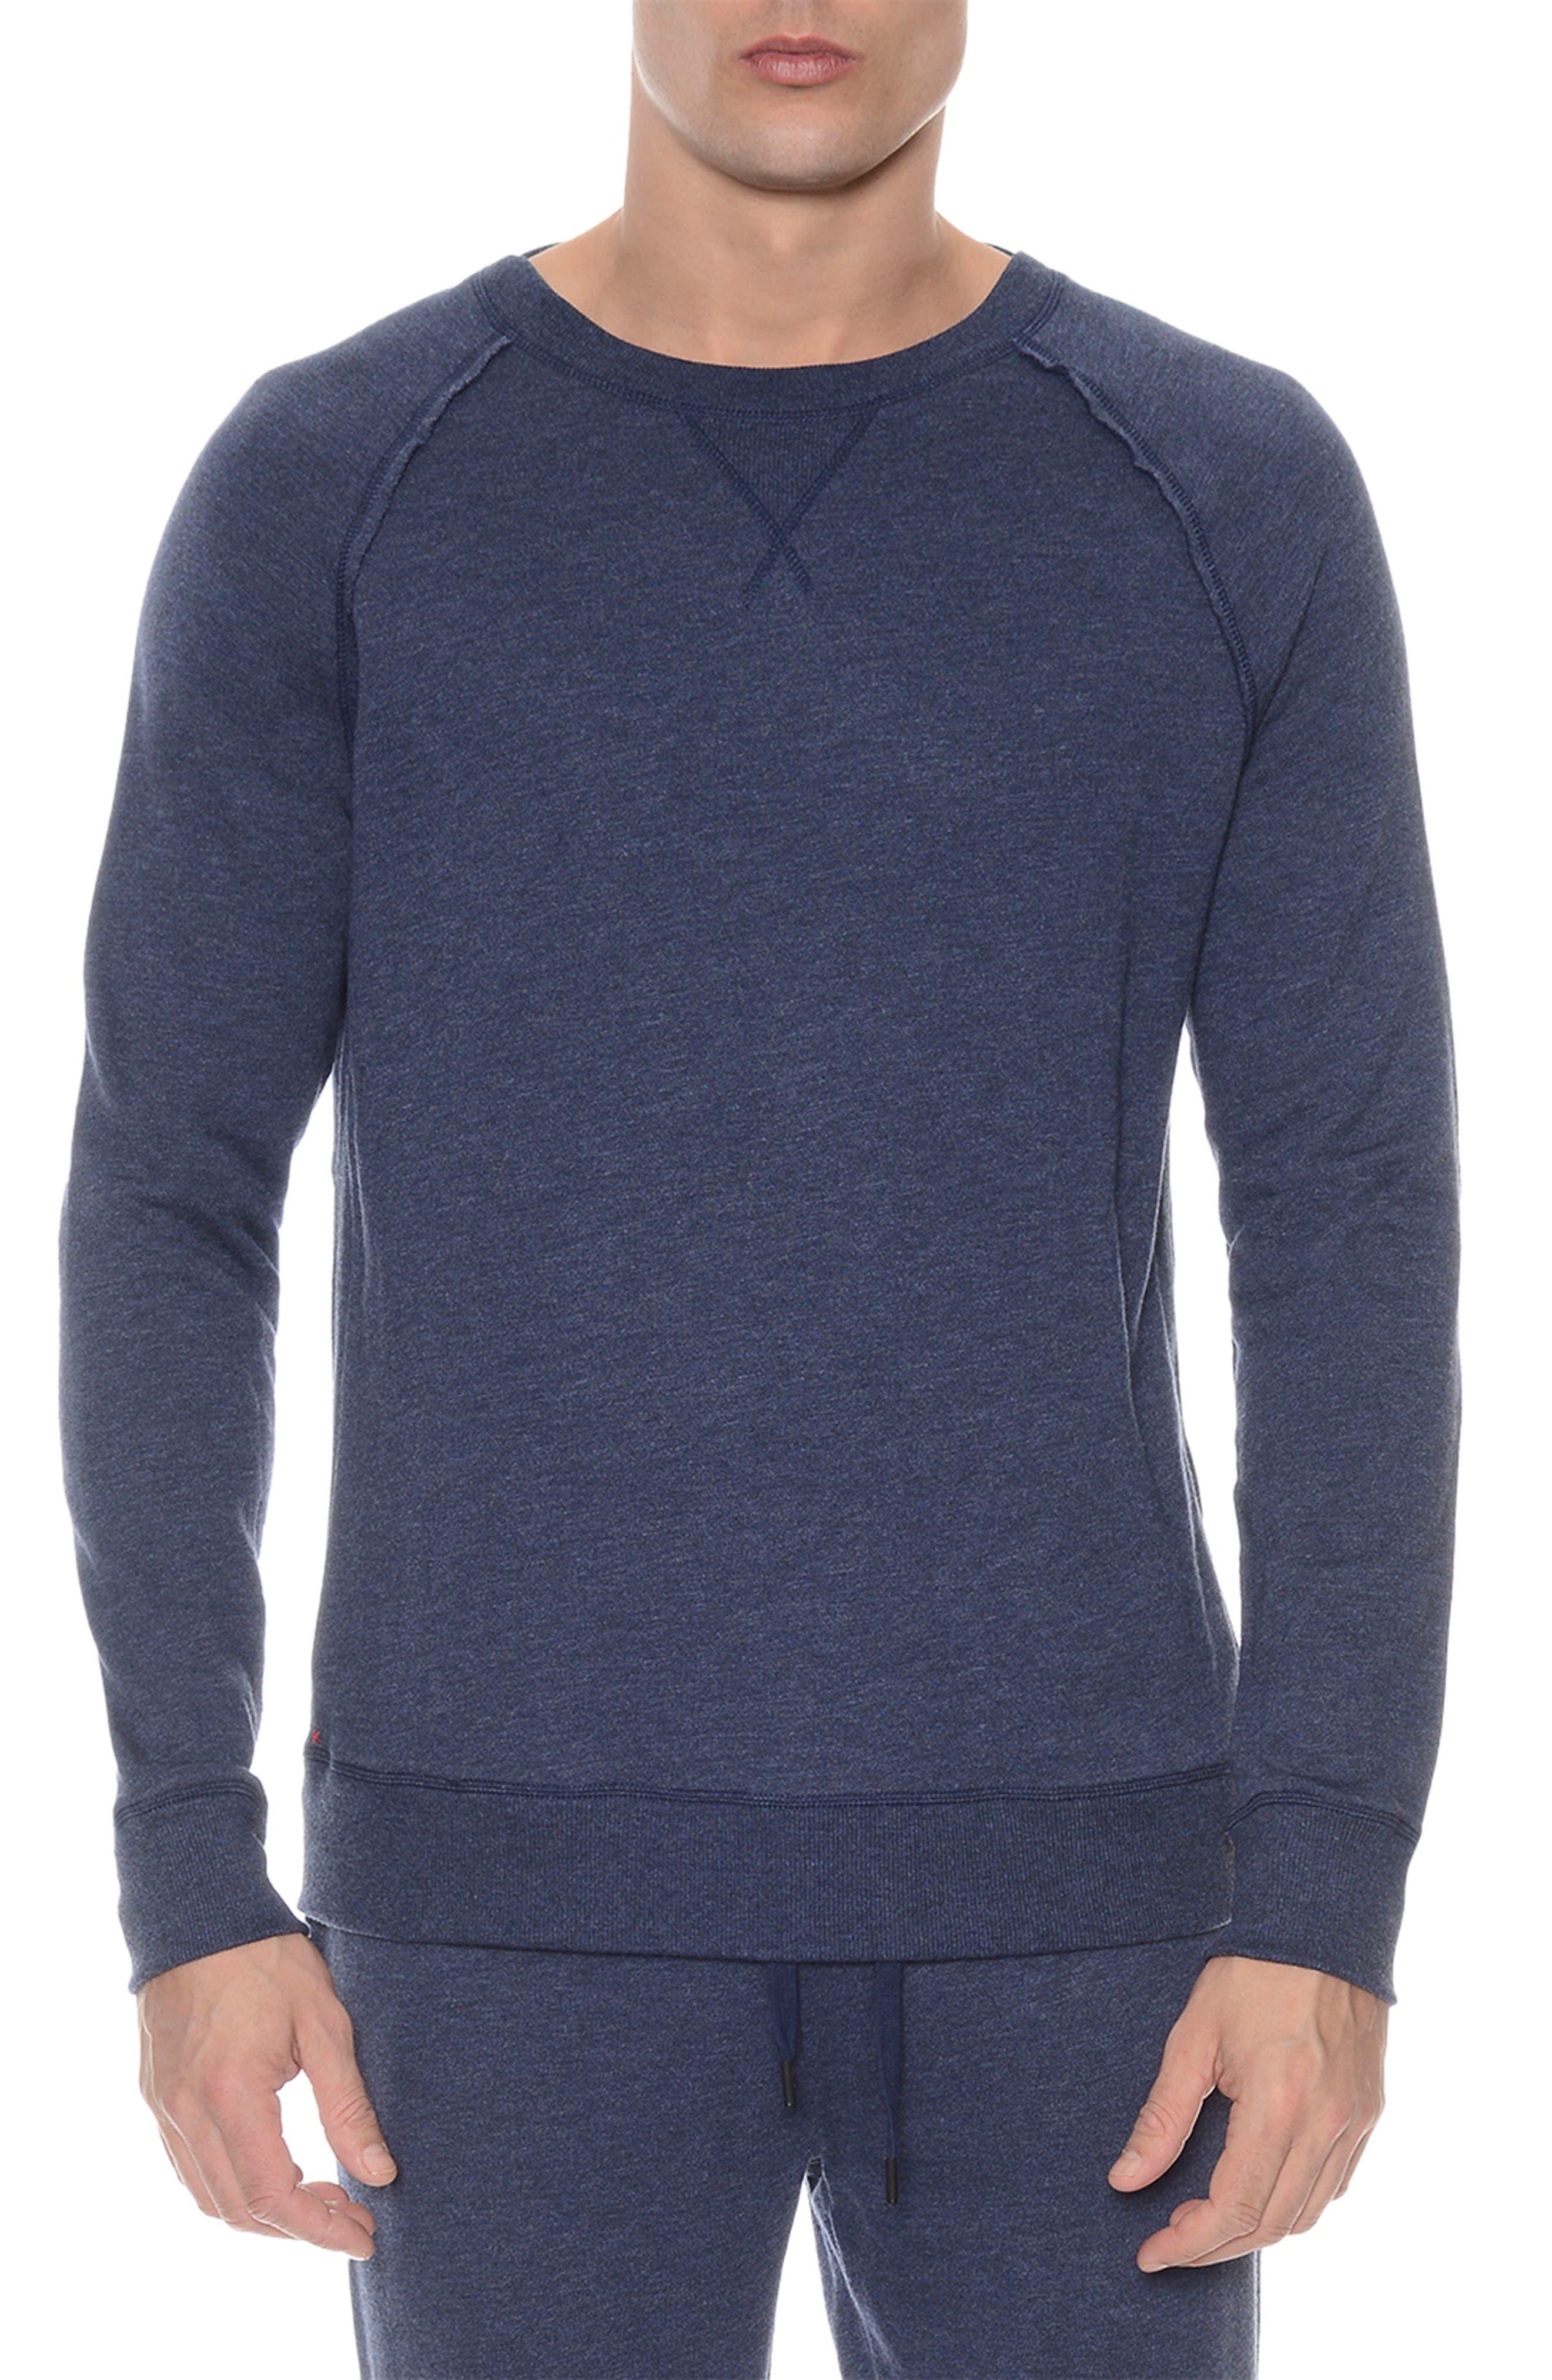 Terry Sweatshirt,                         Main,                         color, DENIM HEATHER